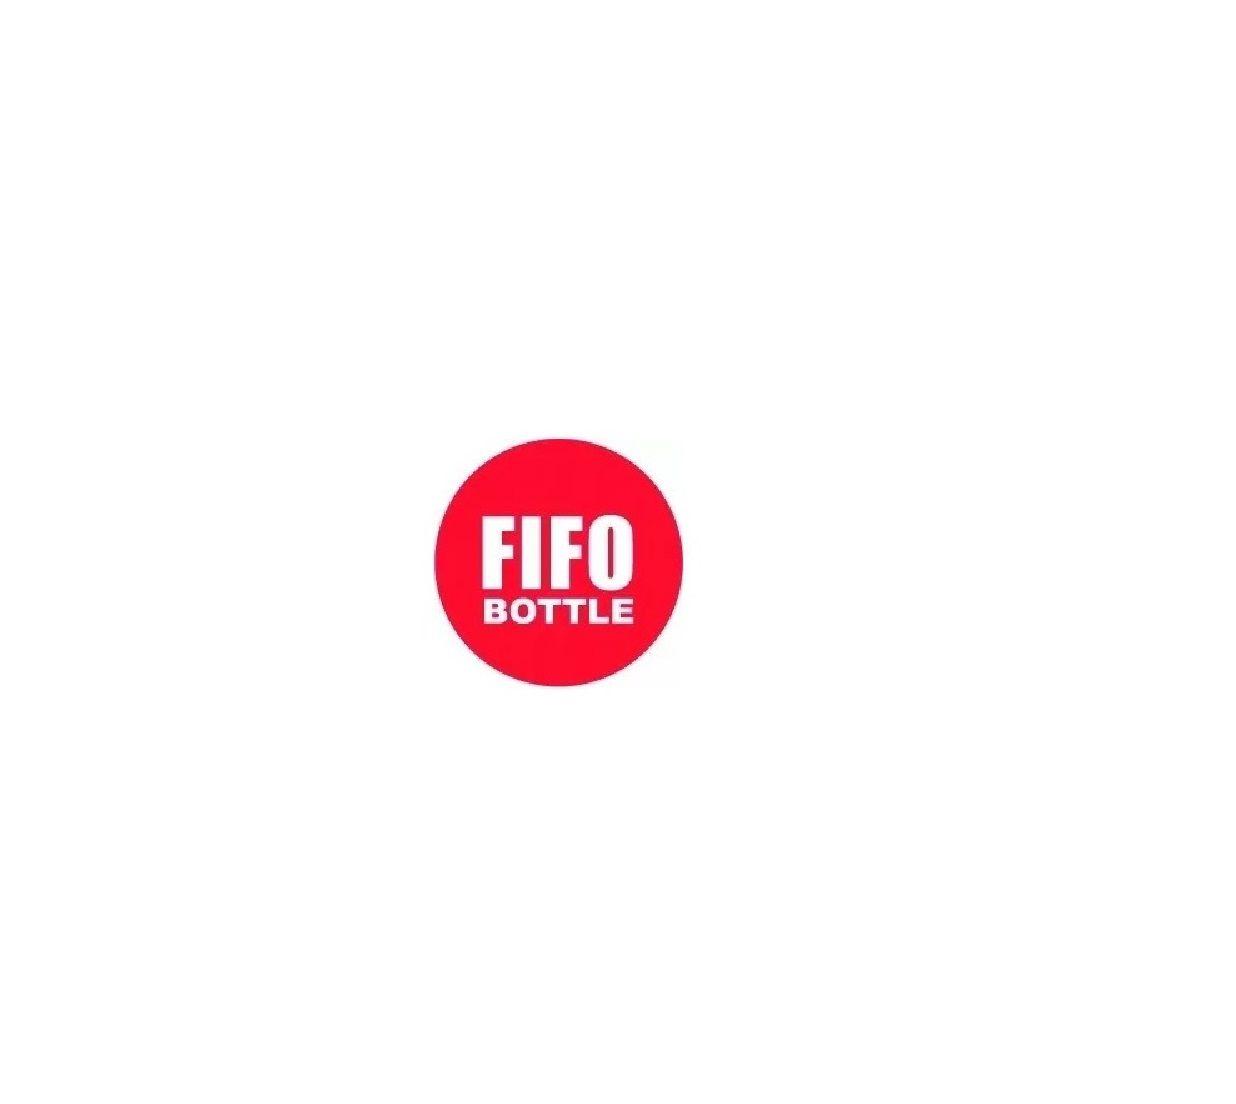 Conj 6 Válvulas Removíveis PEQUENA NSF VERDE Para Molhos e Caldas de Consistência LÍQUIDA Para Bisnaga FIFO Bootle Canadá Original